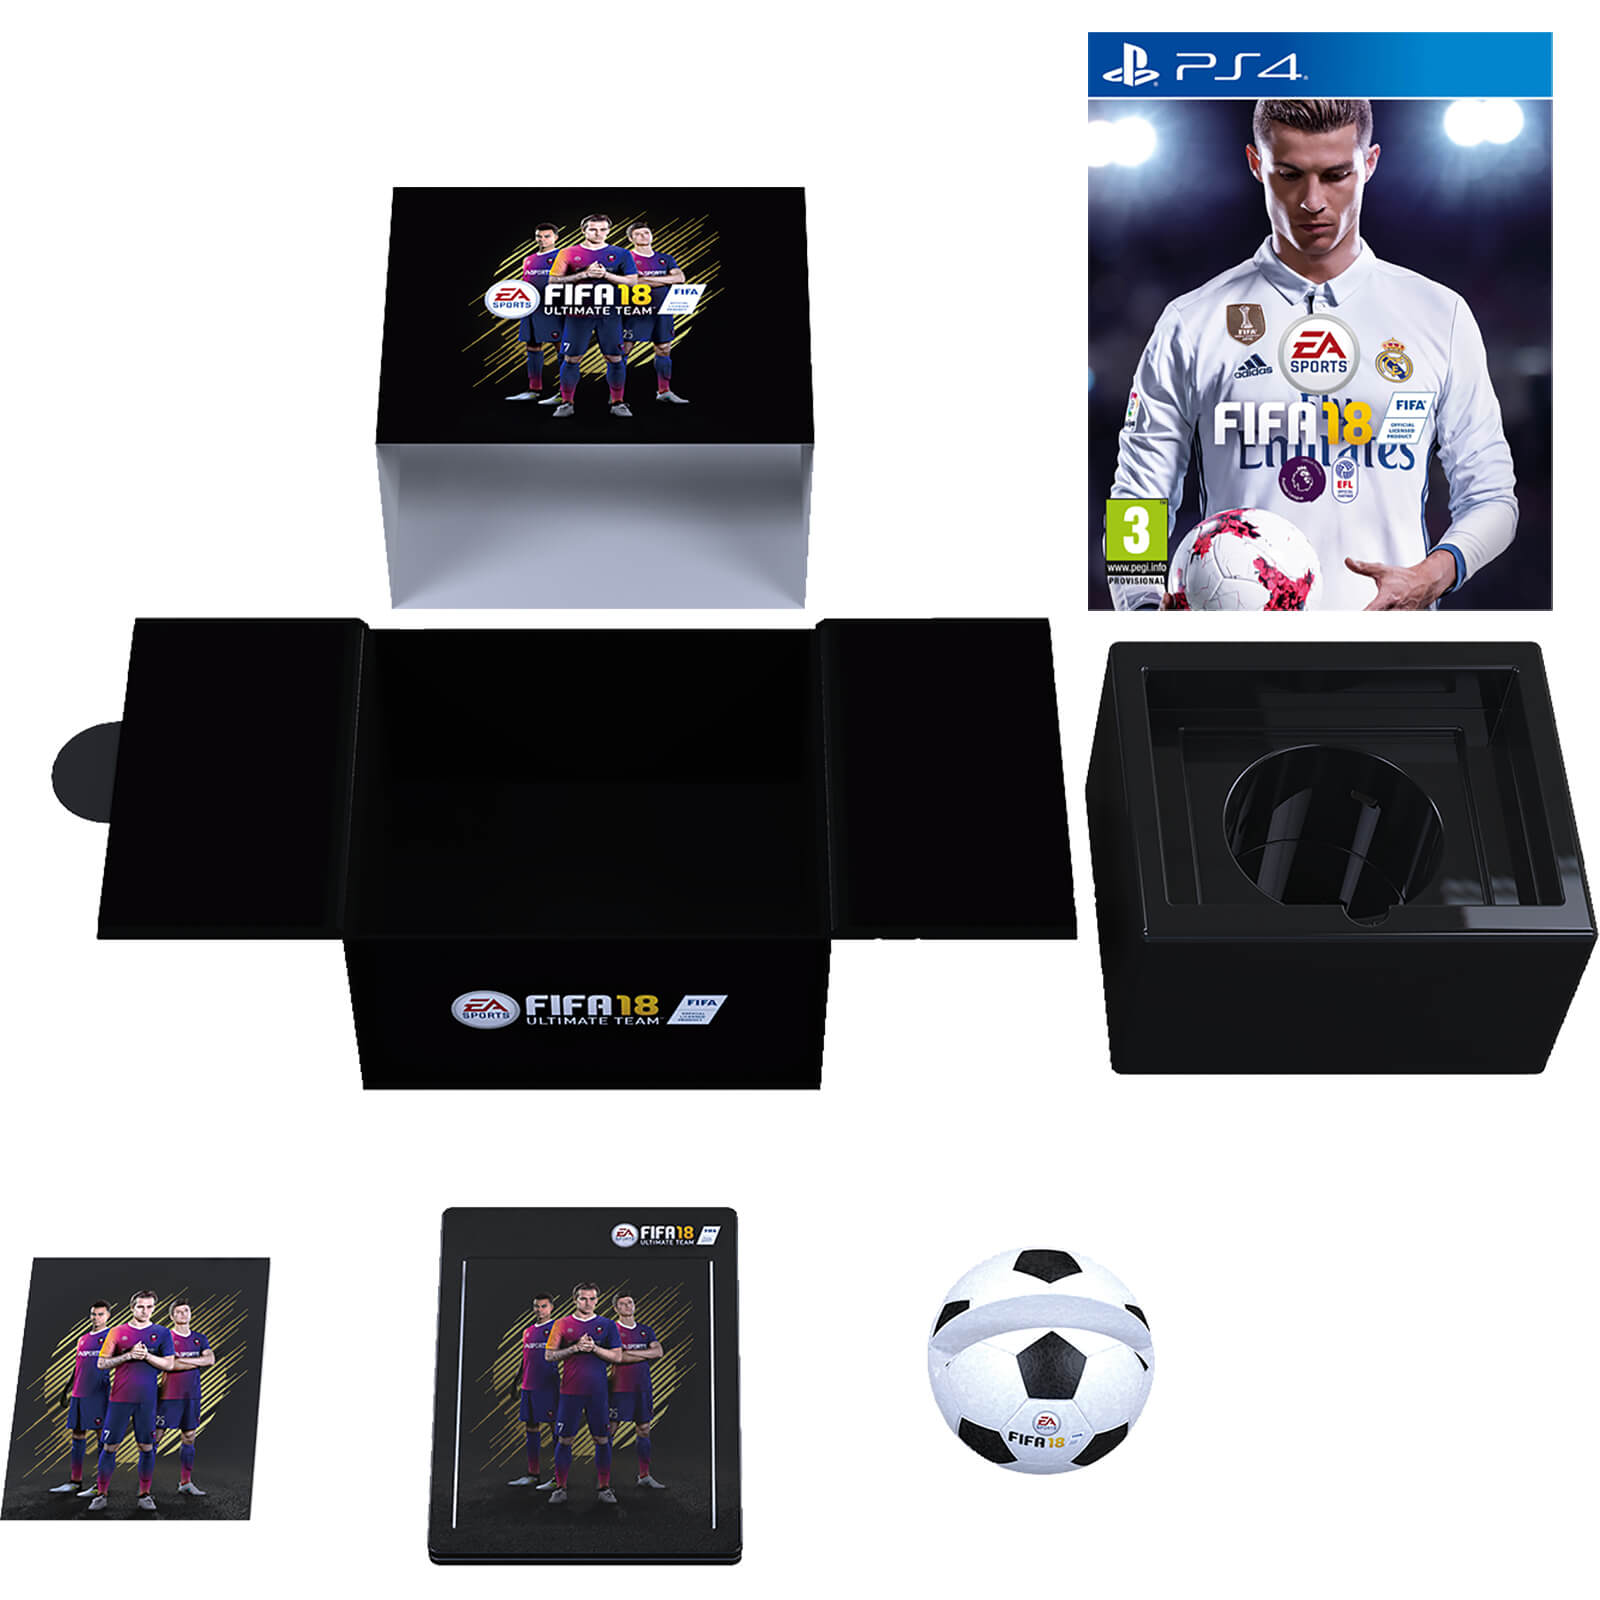 FIFA 18 Edición Coleccionista Exclusiva de Zavvi PS4  3cd0cb910575f